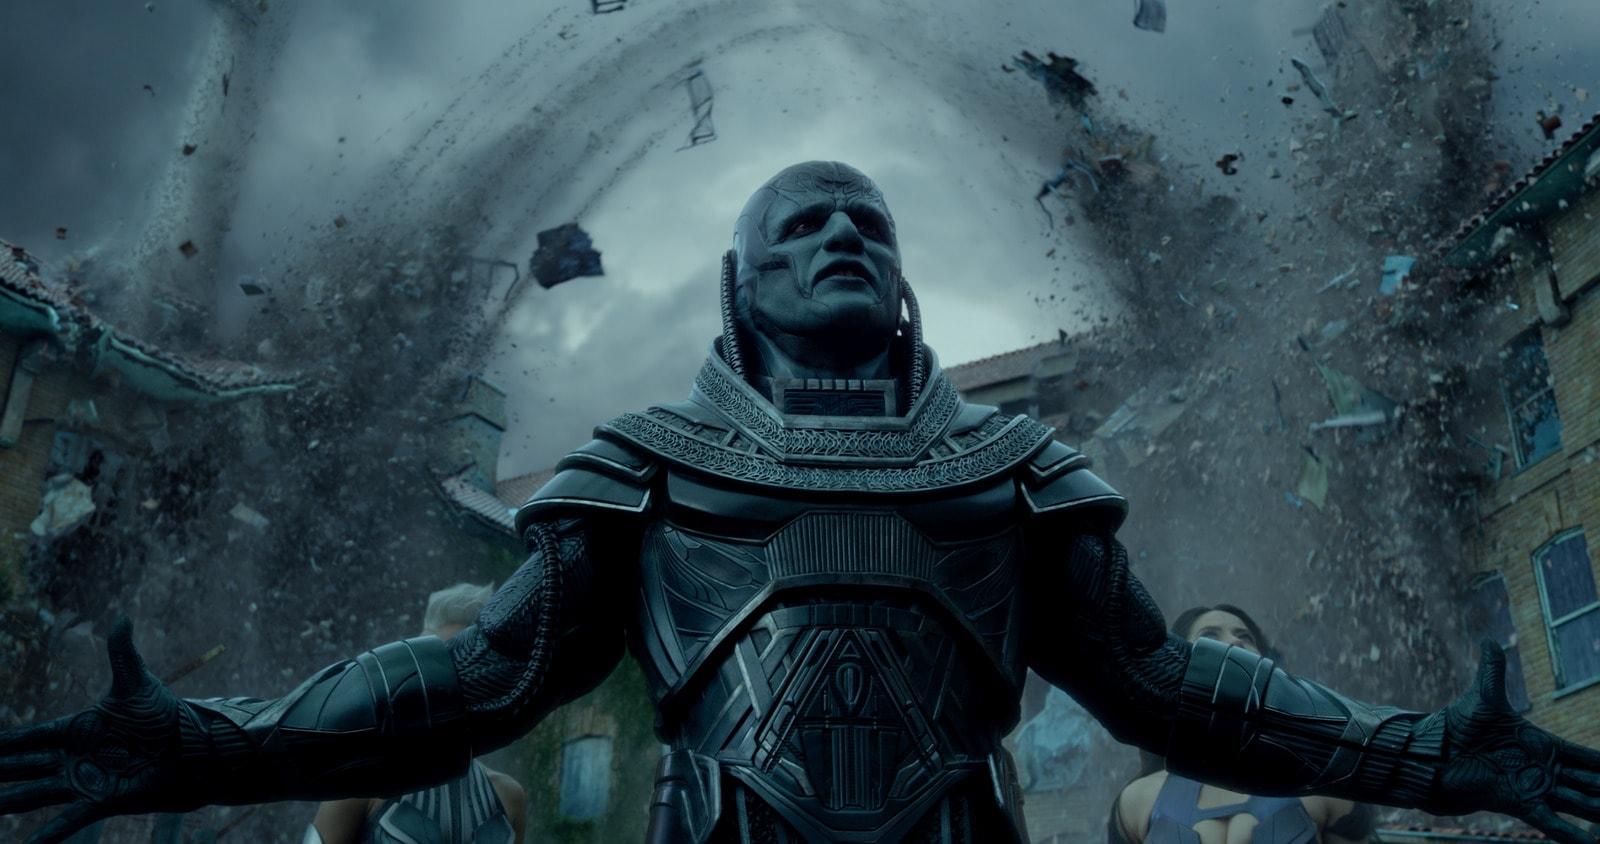 Oscar Issac in X-Men: Apocalypse (2016)